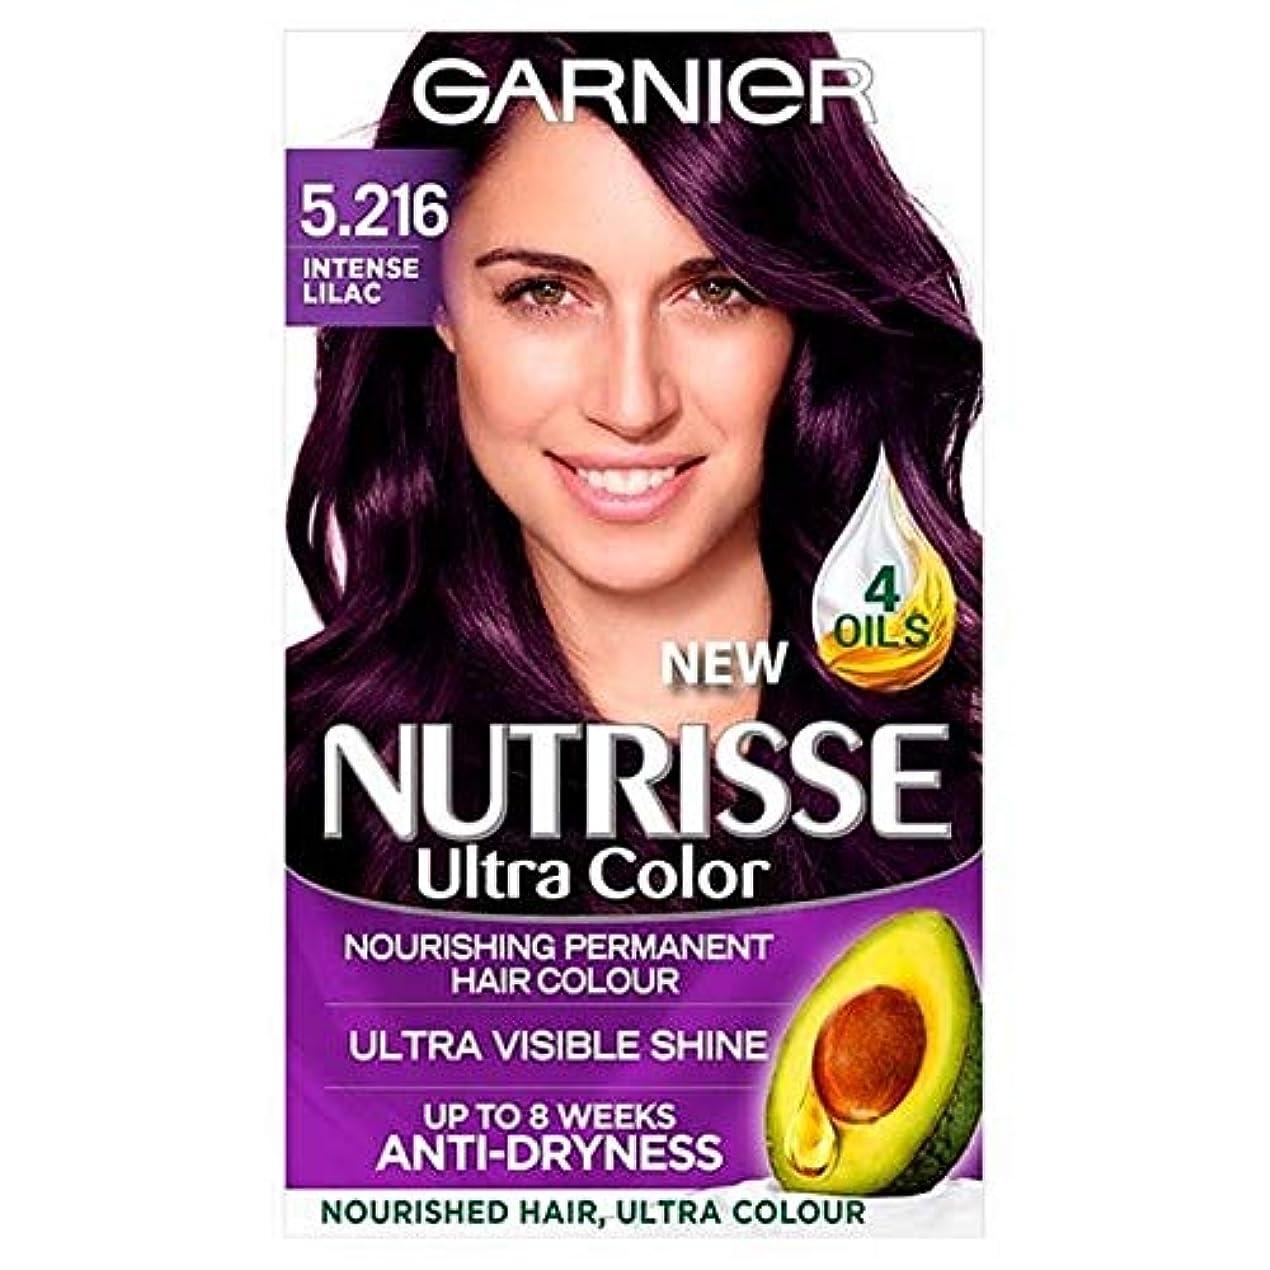 解体する解釈的間接的[Garnier ] 5.216超強烈なライラックパーマ毛染めNutrisseガルニエ - Garnier Nutrisse 5.216 Ultra Intense Lilac Perm Hair Dye [並行輸入品]